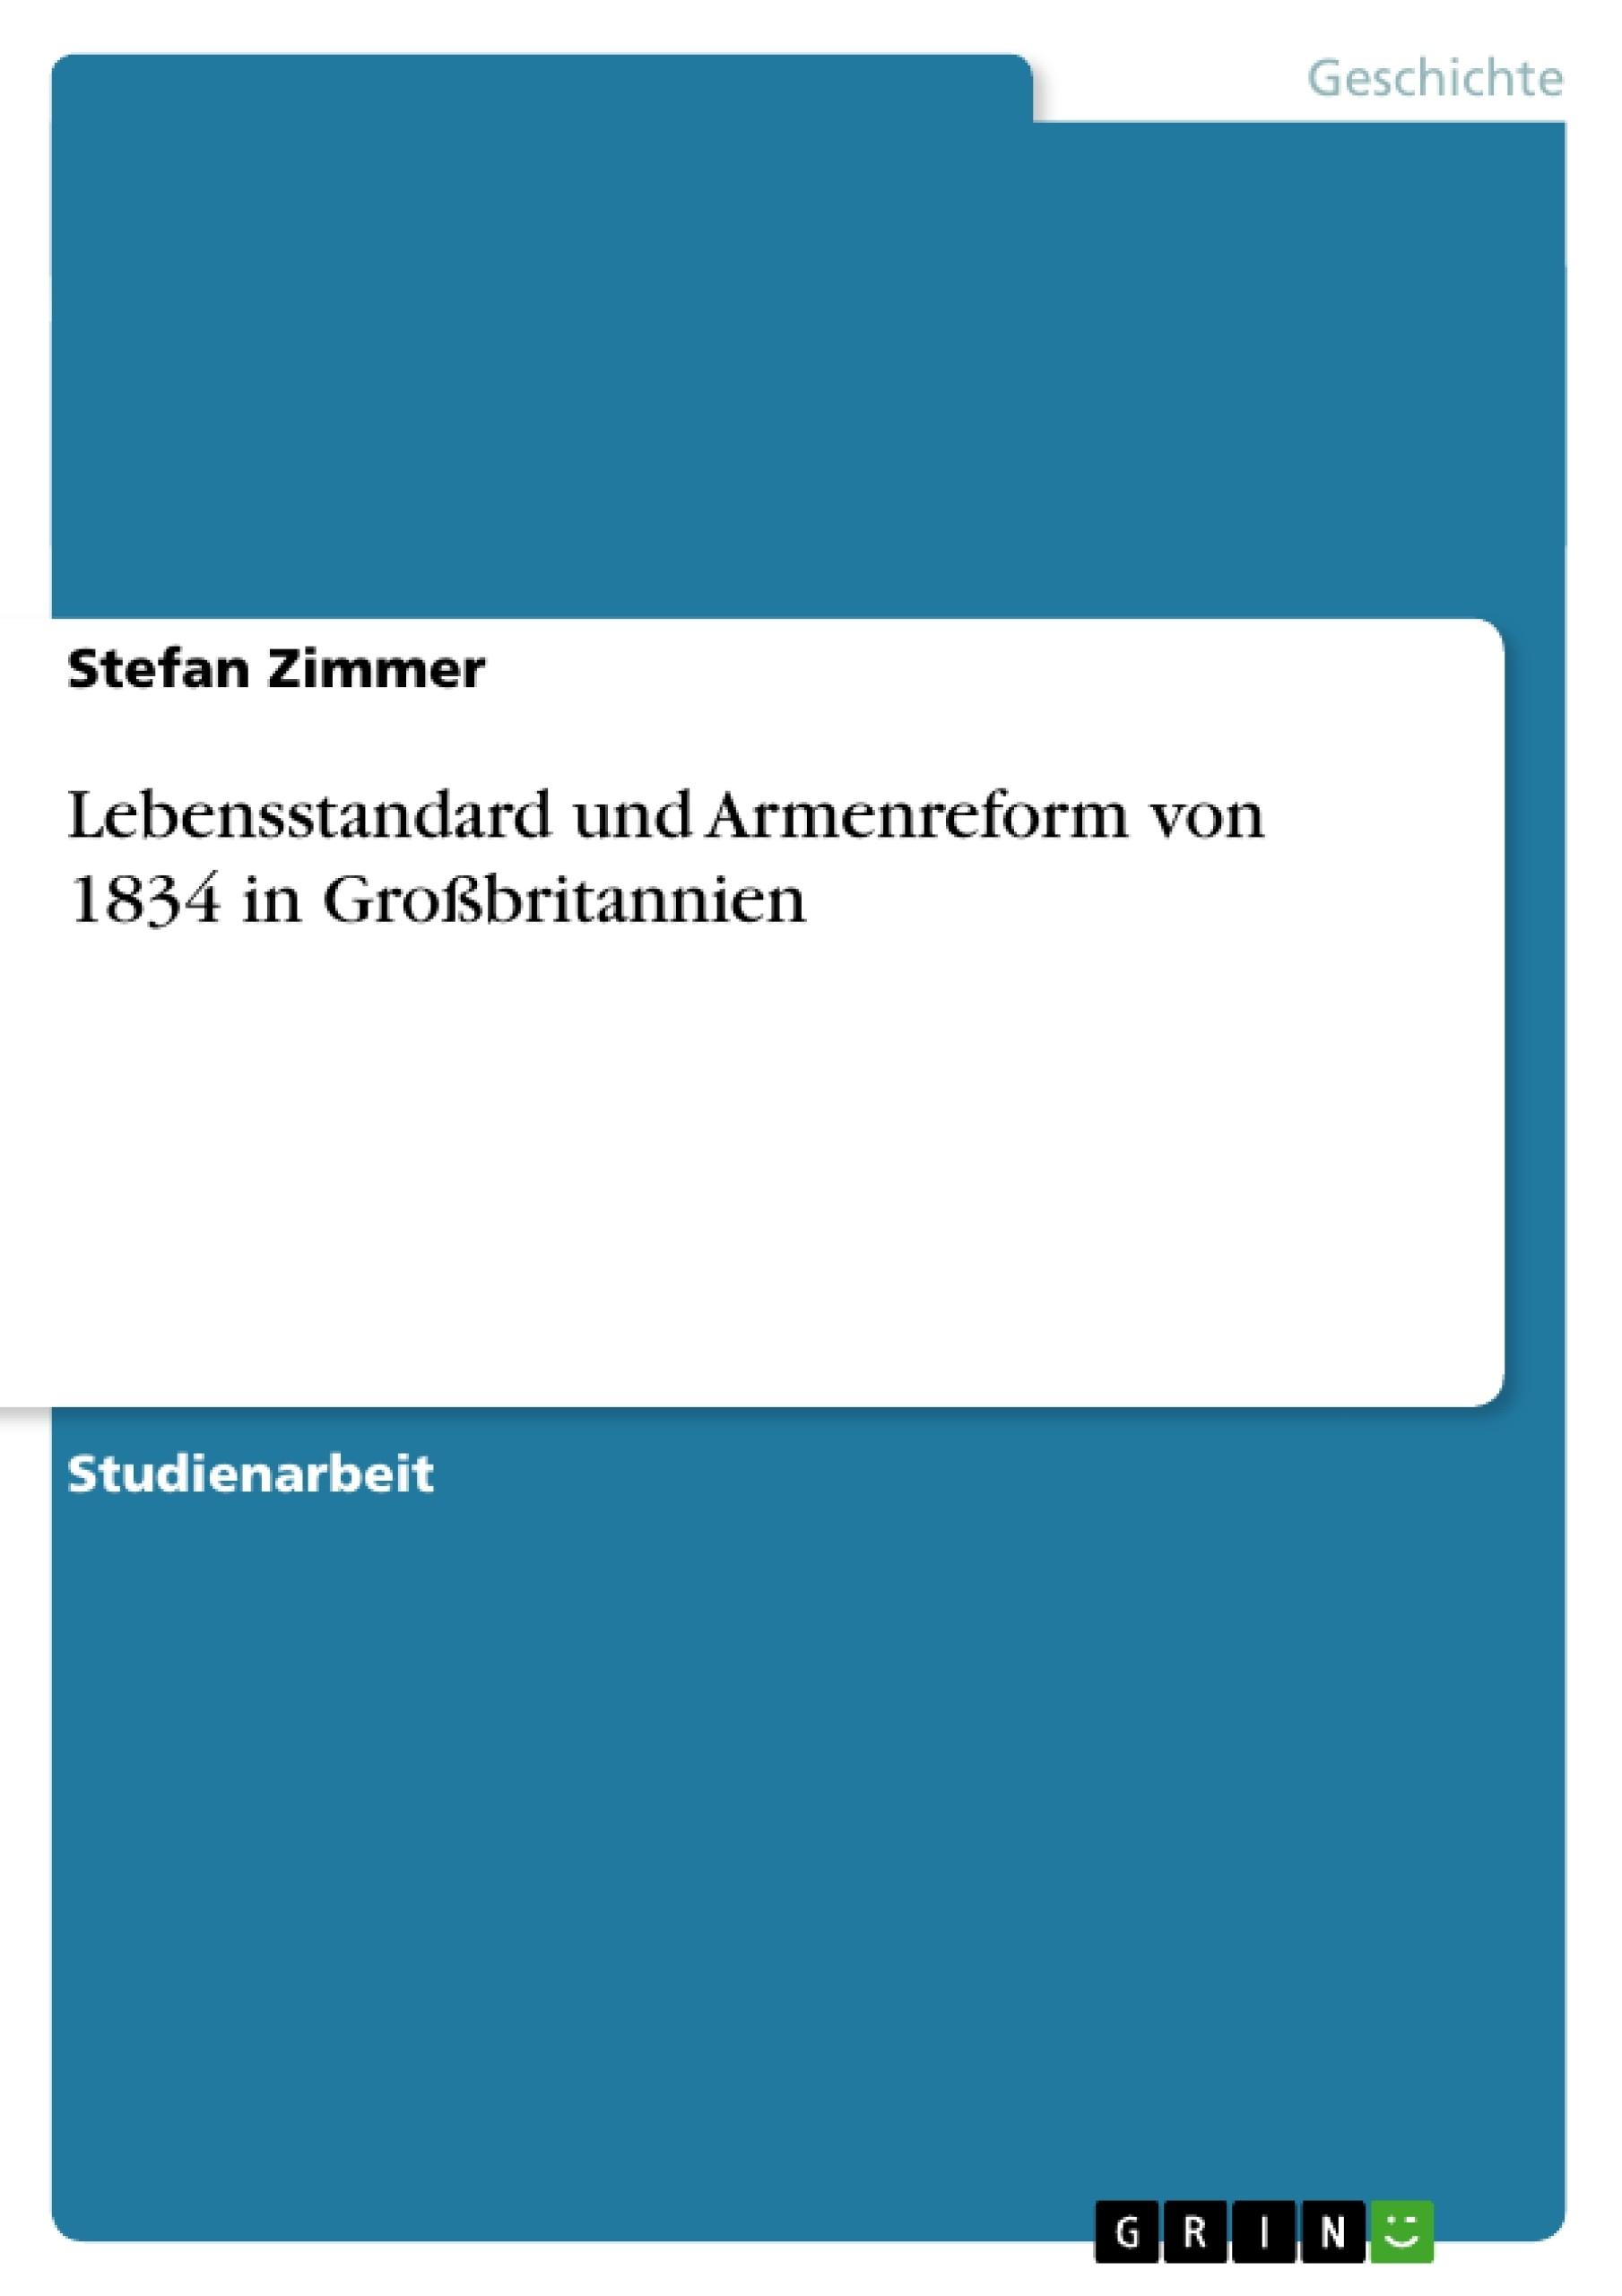 Titel: Lebensstandard und Armenreform von 1834 in Großbritannien